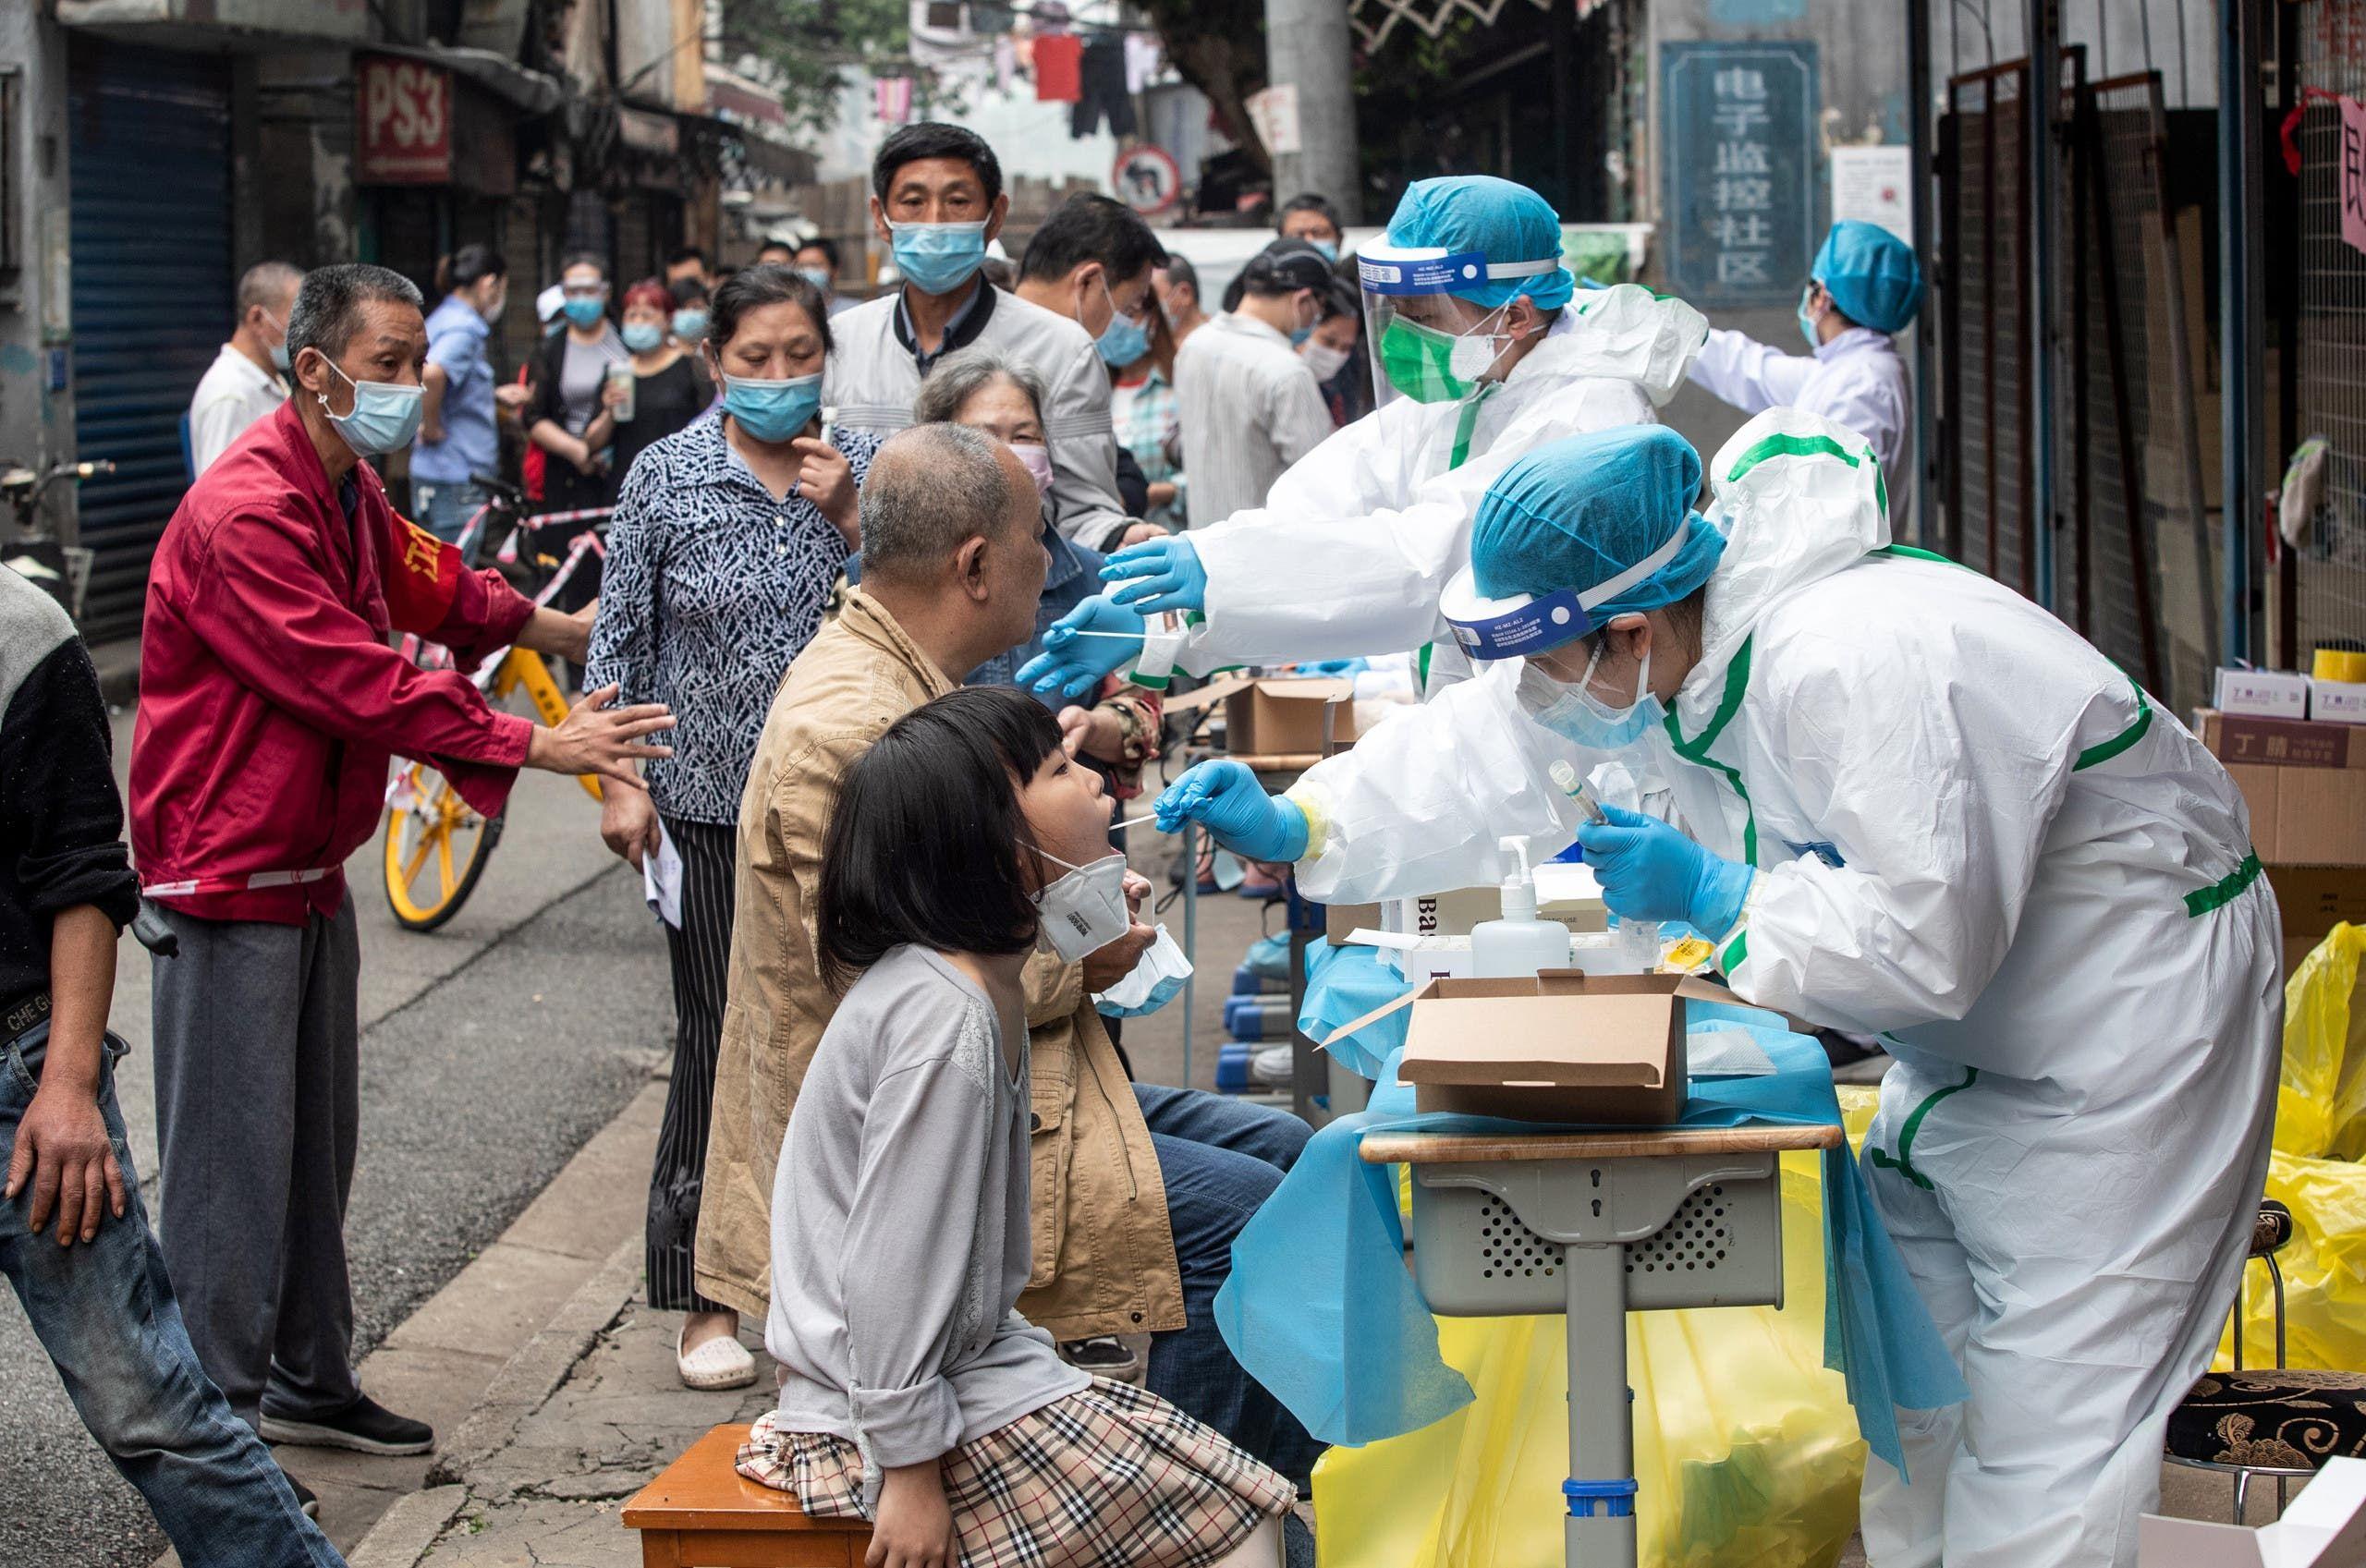 من مدينة ووهان الصينية حيث ظهر كورونا لأول مرة في ديسمبر (أرشيفية- فرانس برس)